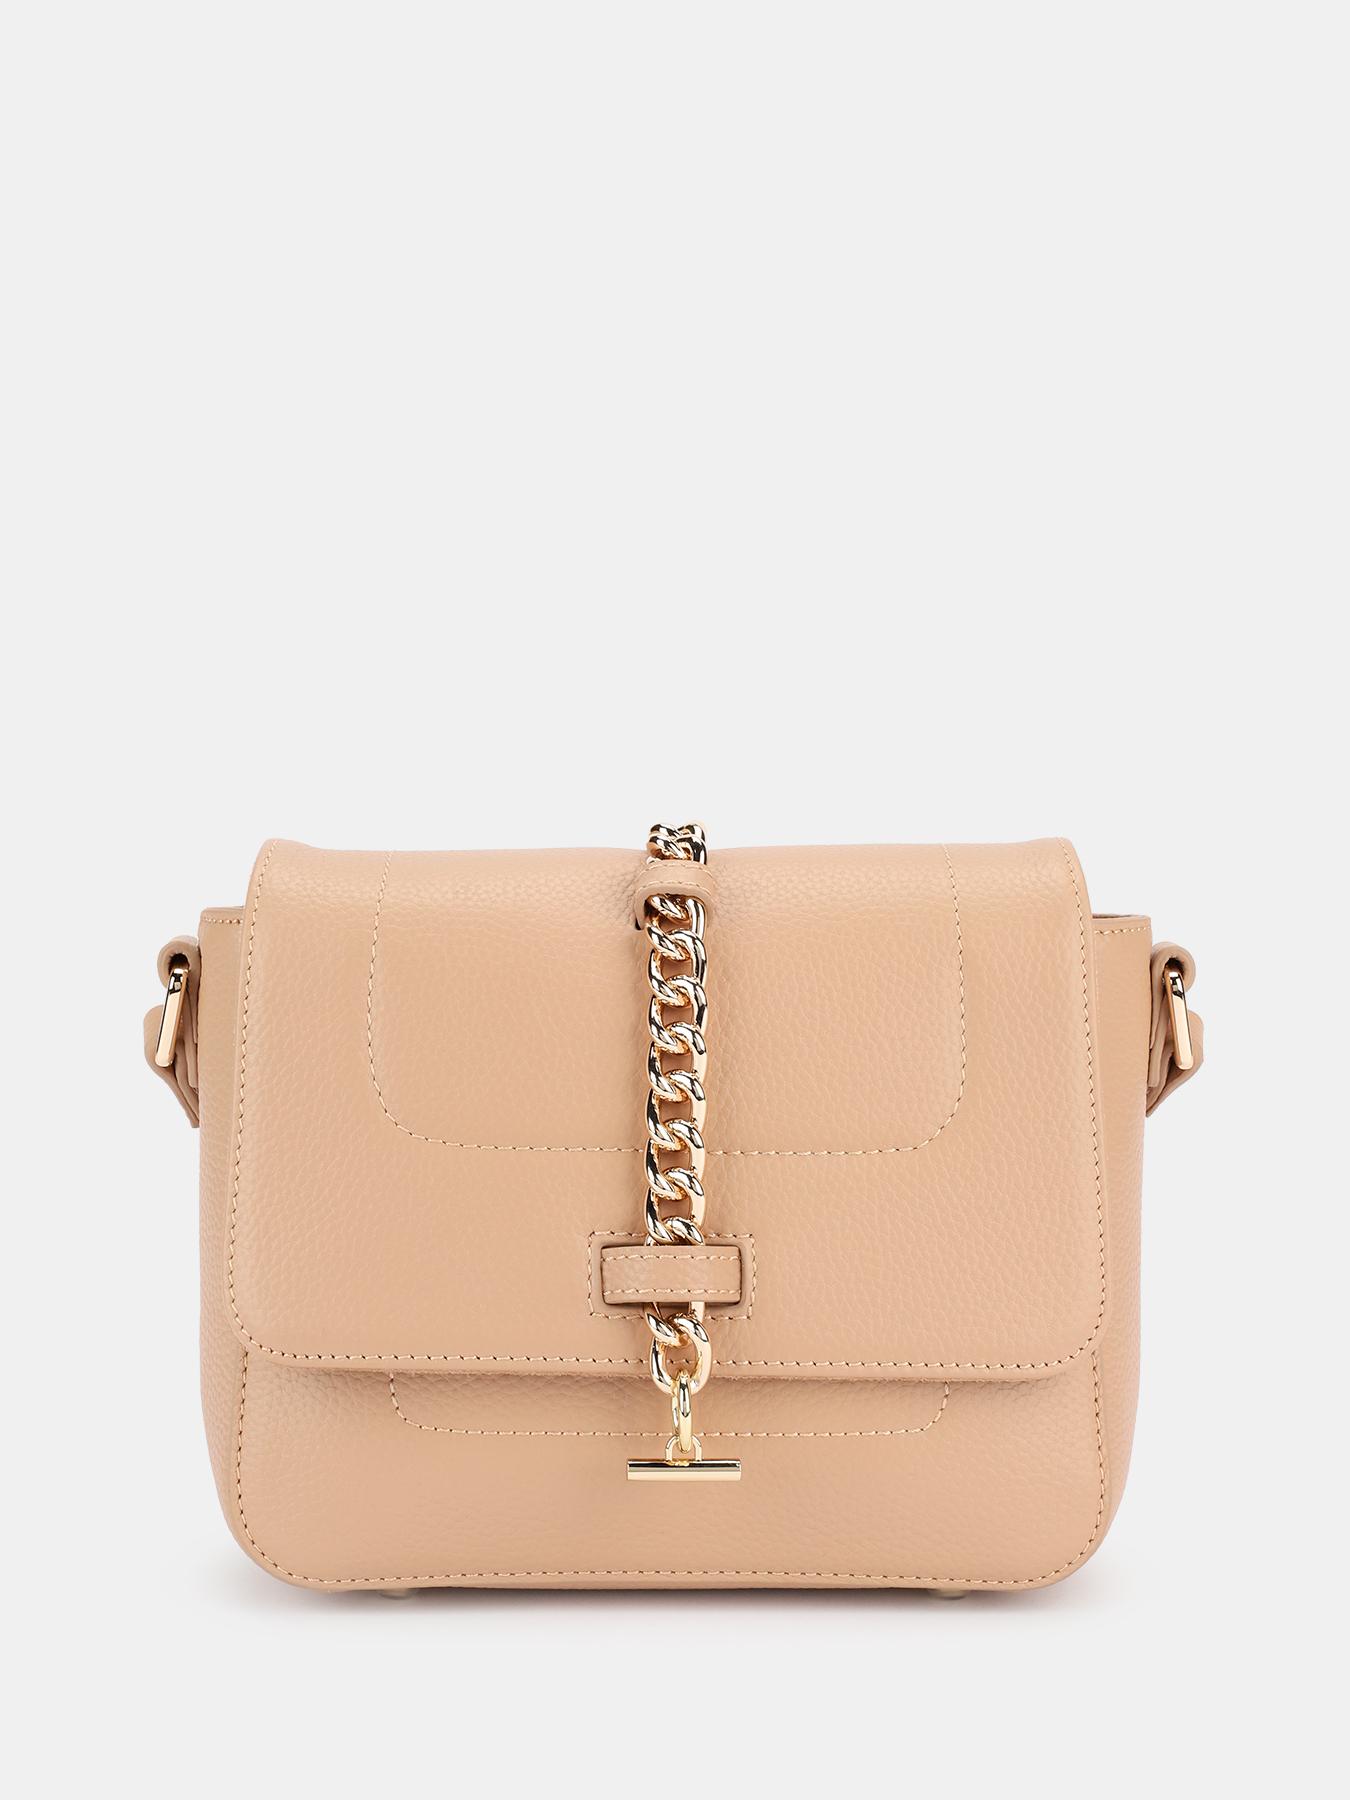 Фото - Сумки Alessandro Manzoni Женская сумка женская сумка grey 24645554